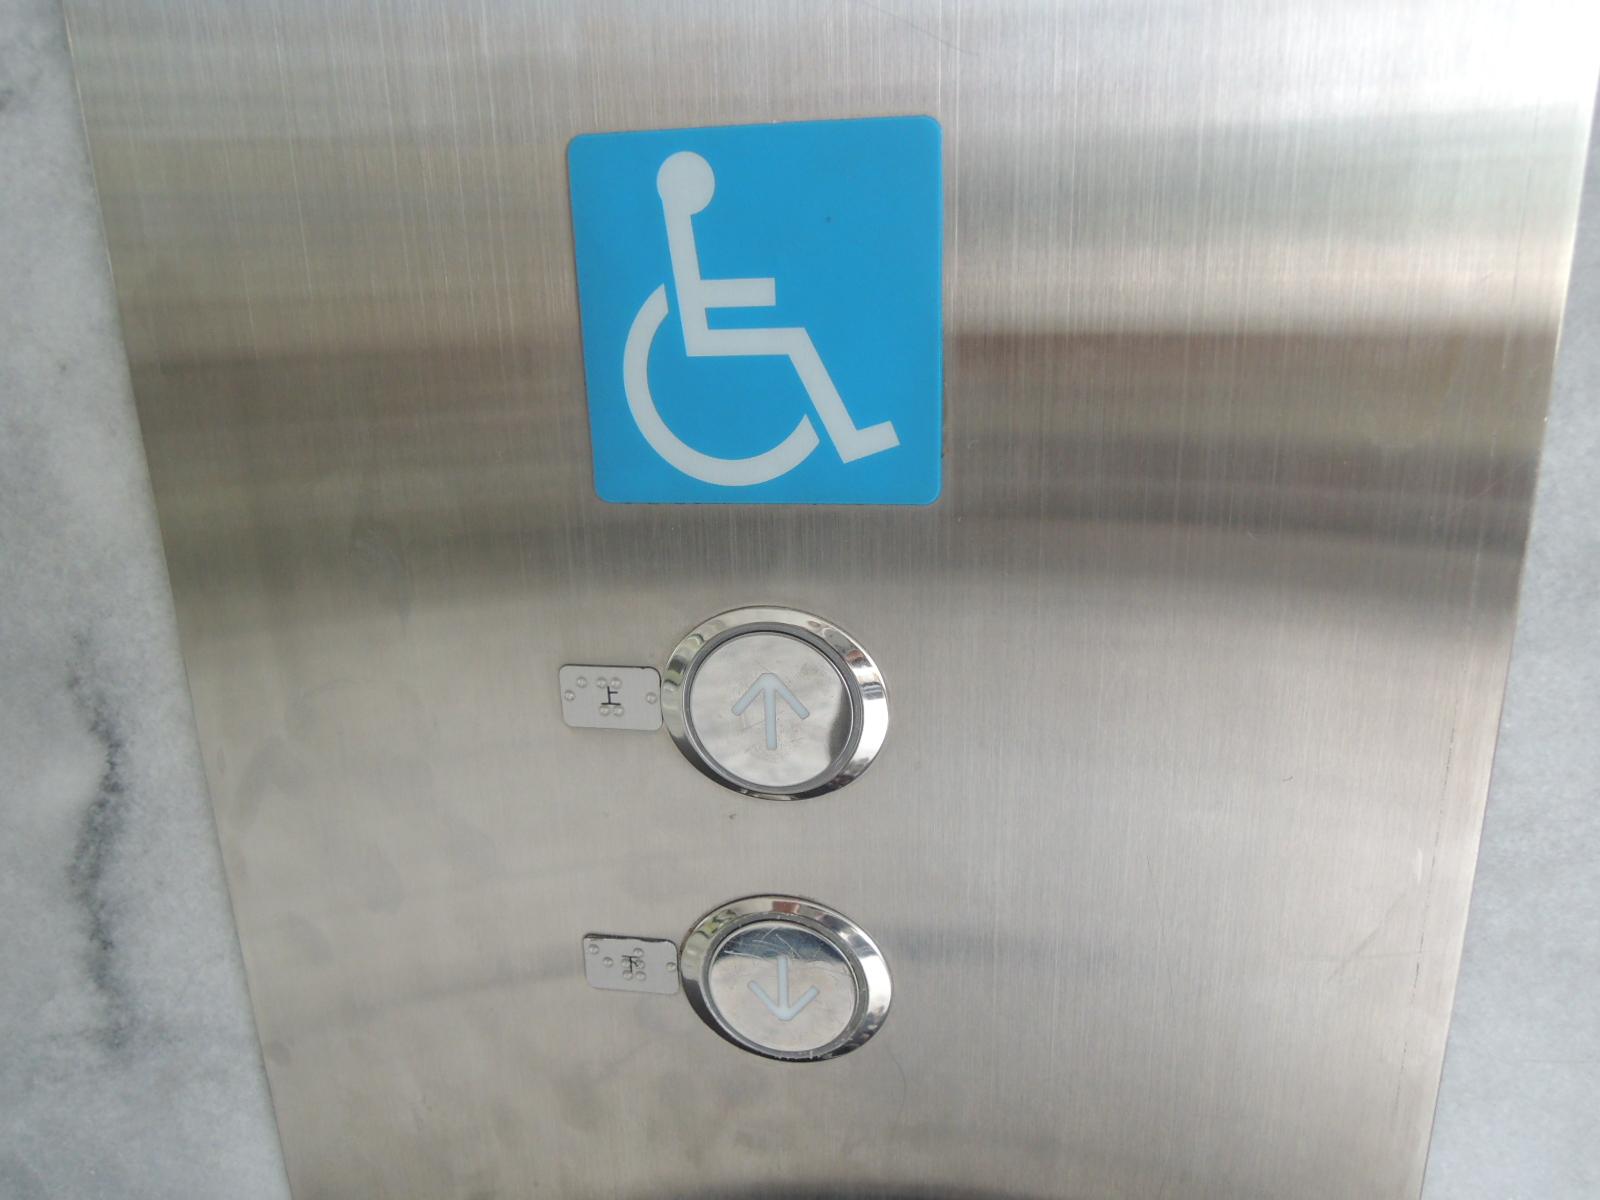 臺北市士林區行政中心無障礙電梯(標示)